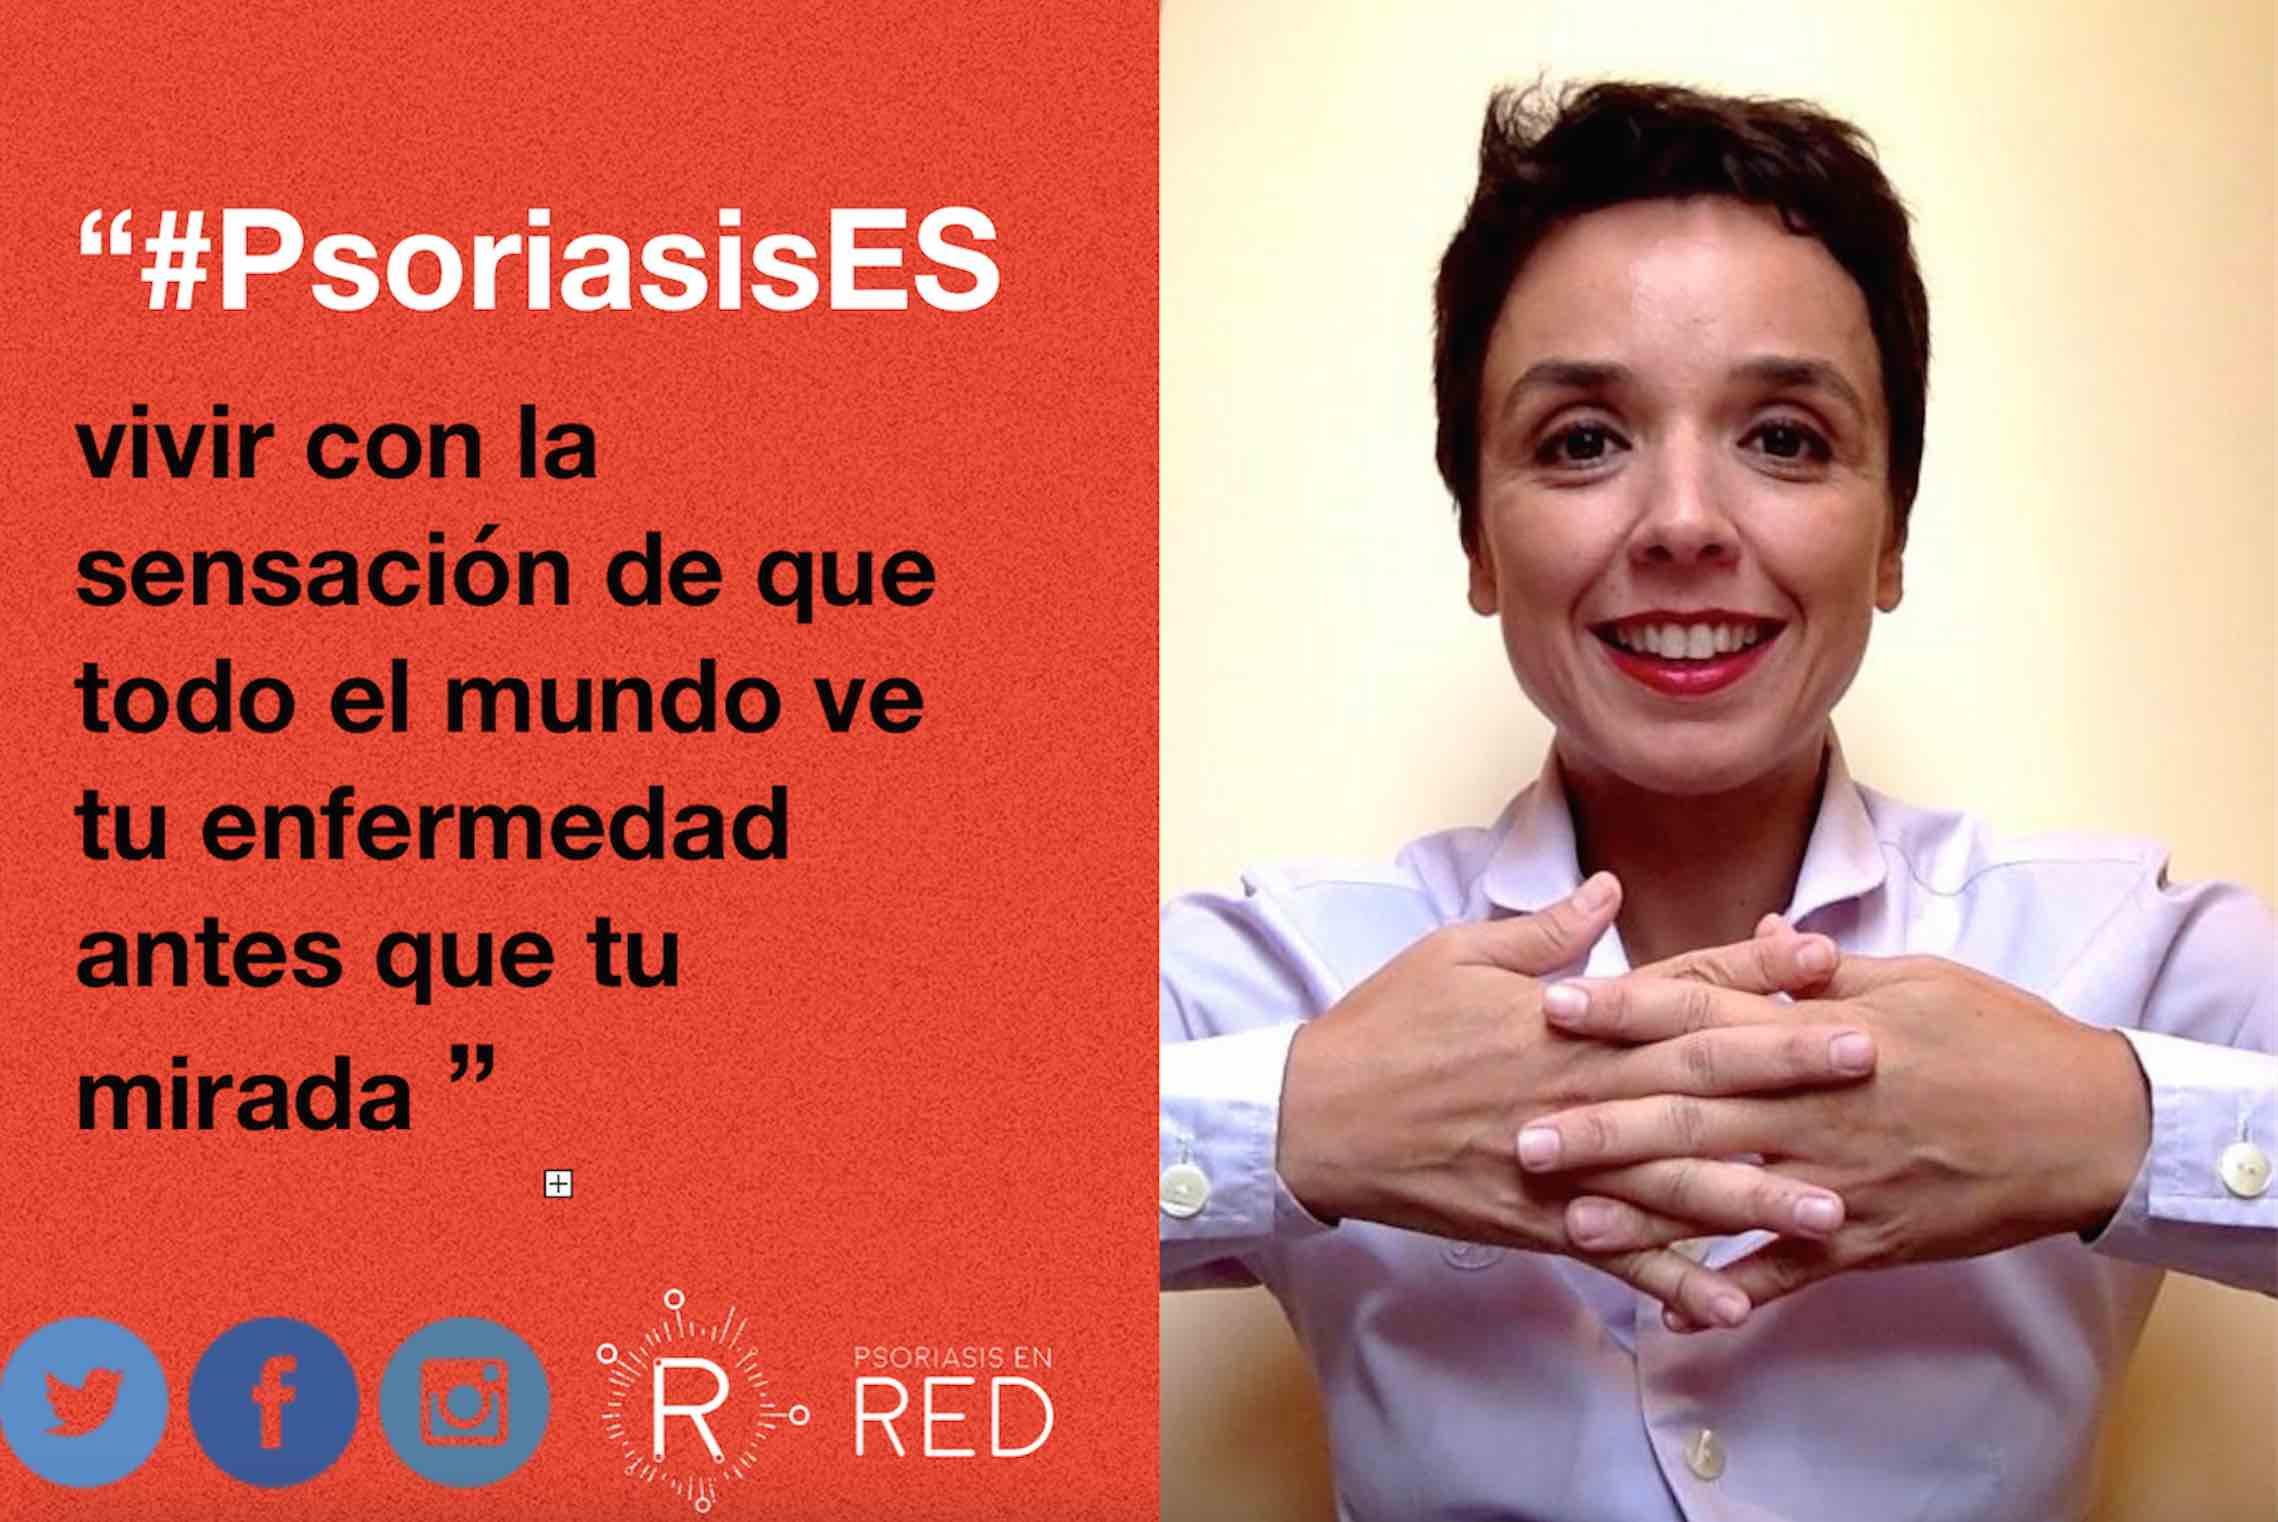 """""""No hay nada más satisfactorio que poder ayudar a otra persona como tú y acortar el camino de su sufrimiento hasta aceptar la enfermedad"""": Celia Marín en #FFPaciente."""